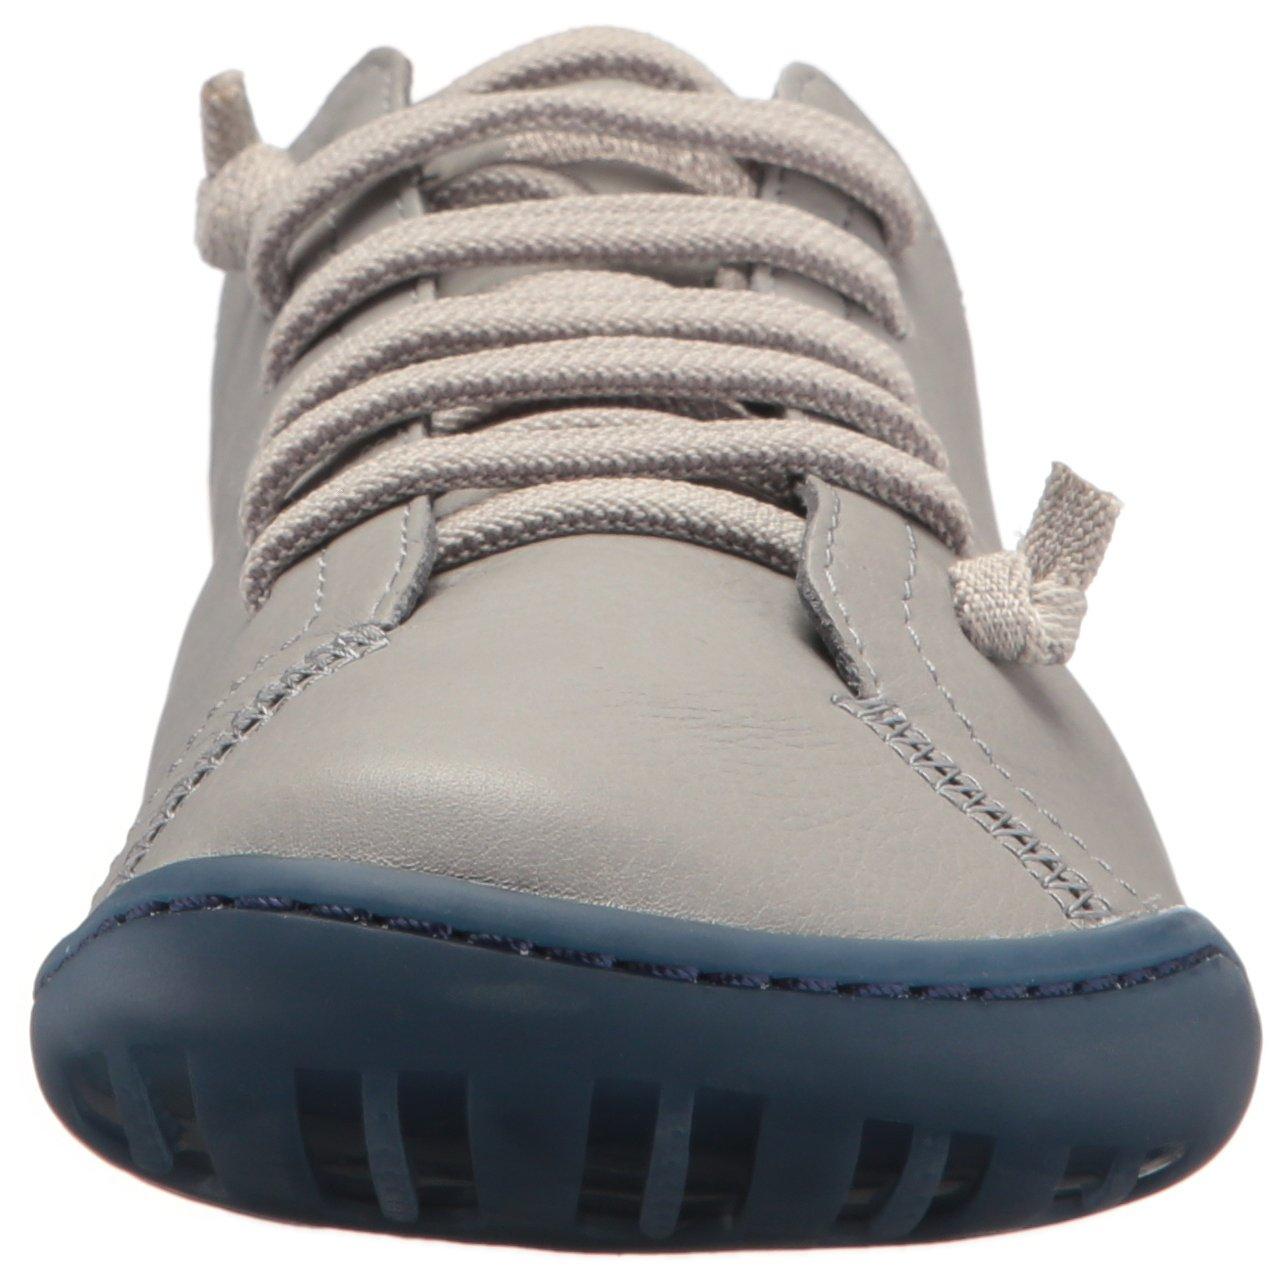 CAMPER Damen Peu Cami Sneaker, Grau Navy, 39 EU Grau Sneaker, e5a4a5